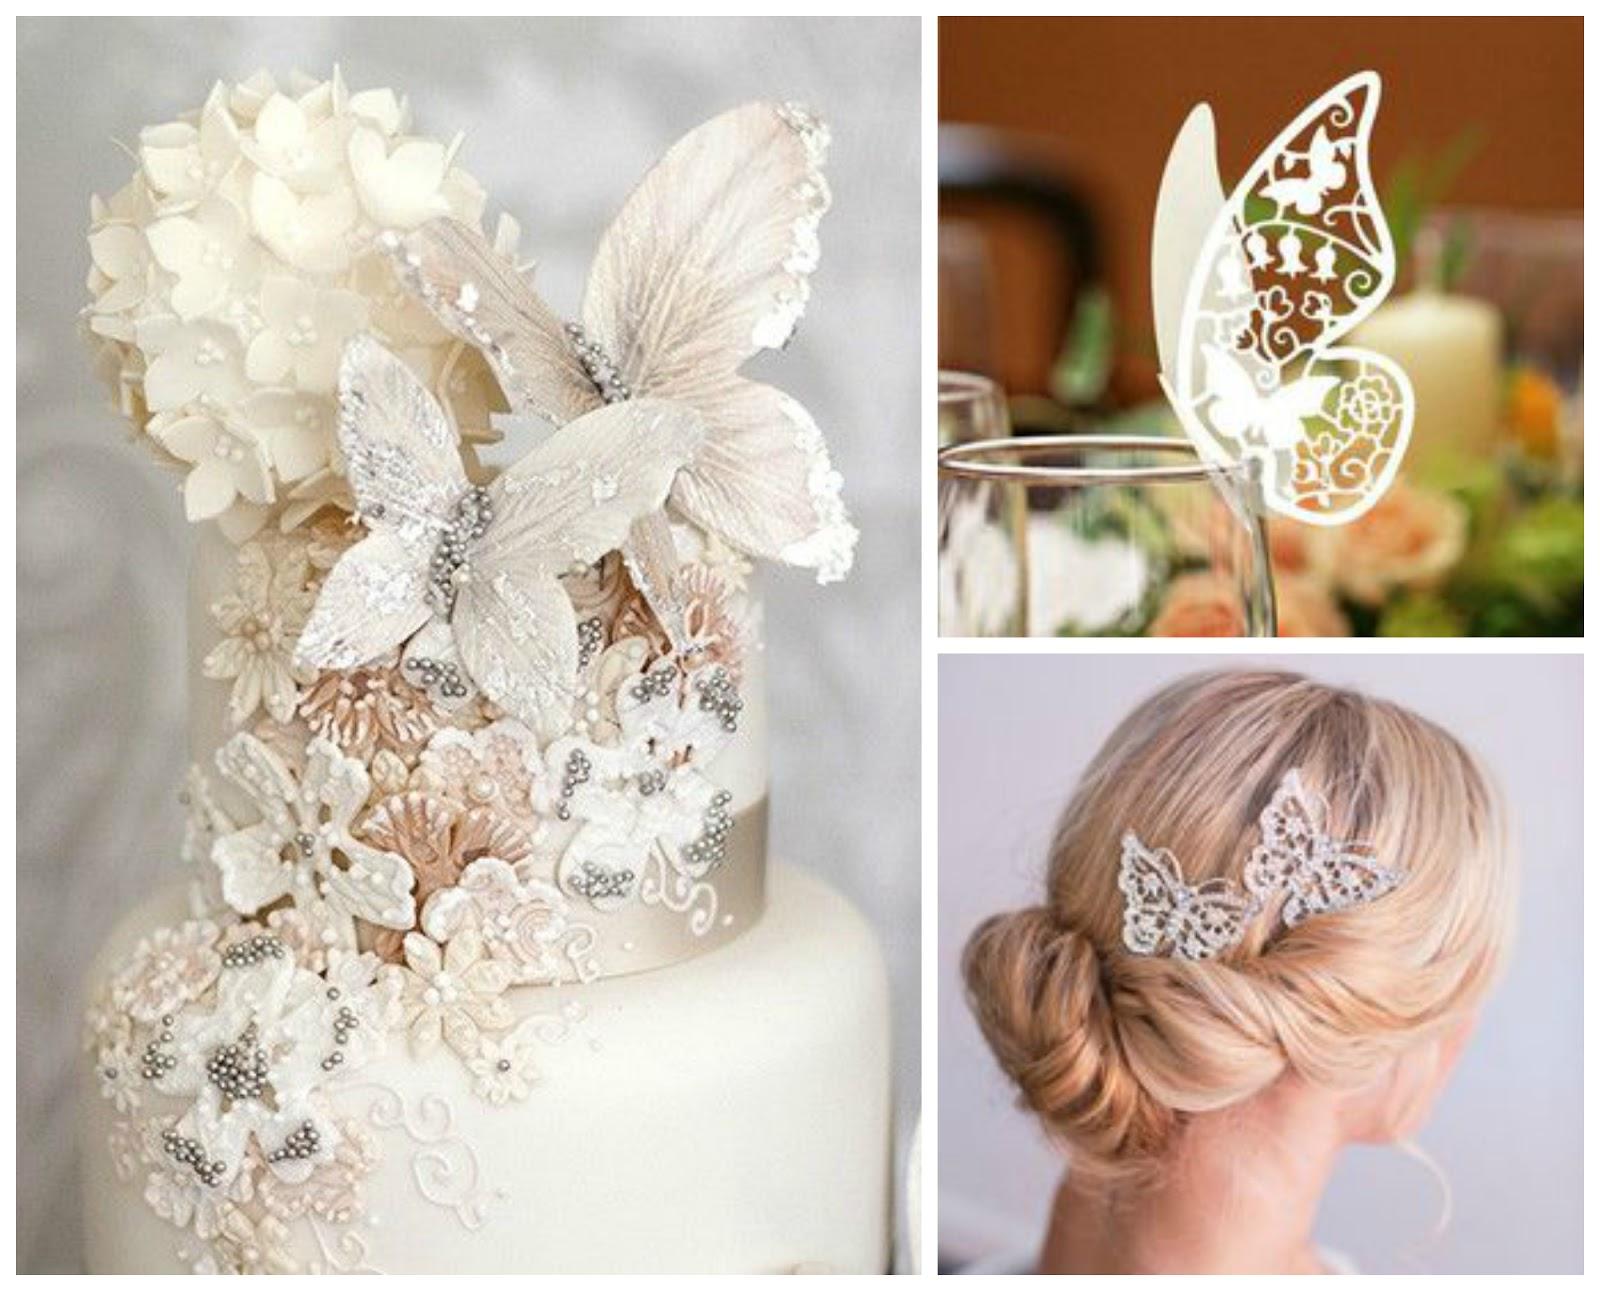 Matrimonio Tema Glitter : Matrimonio ecologico tutto per il a tema farfalle